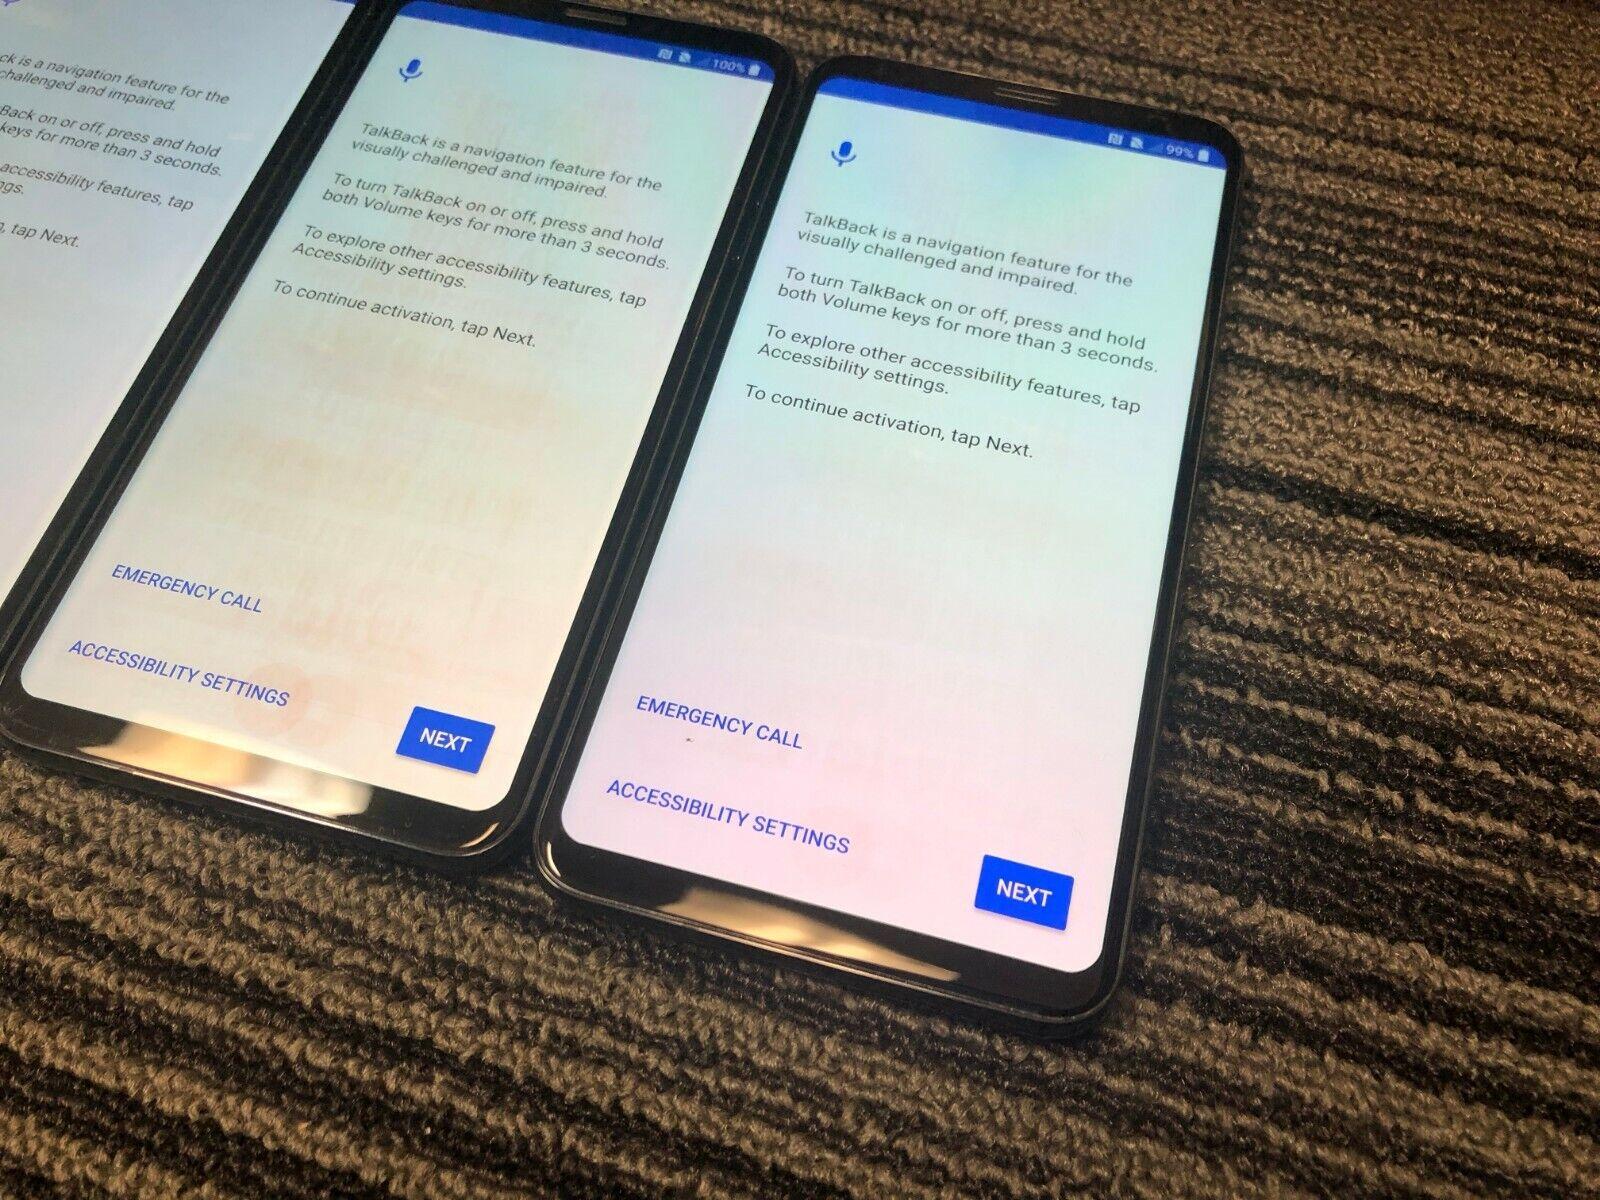 Android Phone - LG V30 Plus US998 128GB - Black (Unlocked) A Shadow LCD